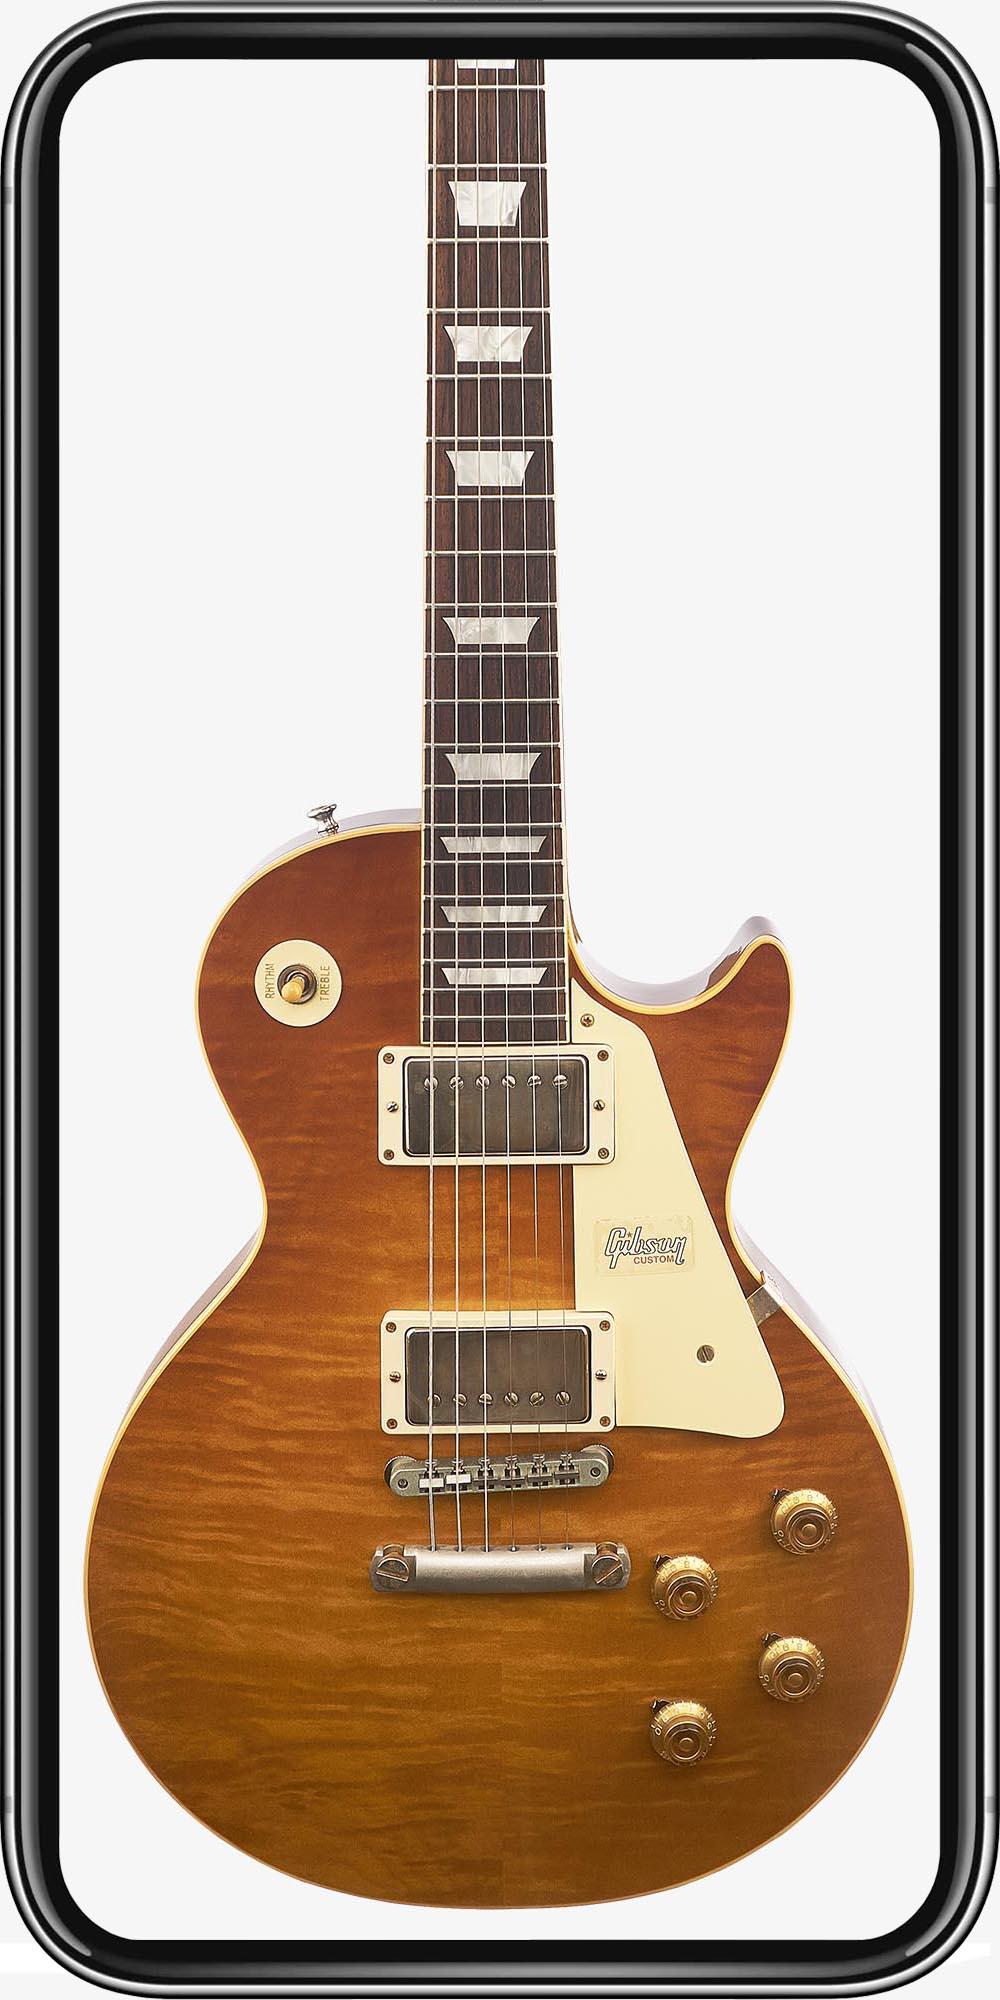 Fender Gibson Custom M2M Les Paul Standard '59 V2 Neck VOS Dirty Lemon Burst